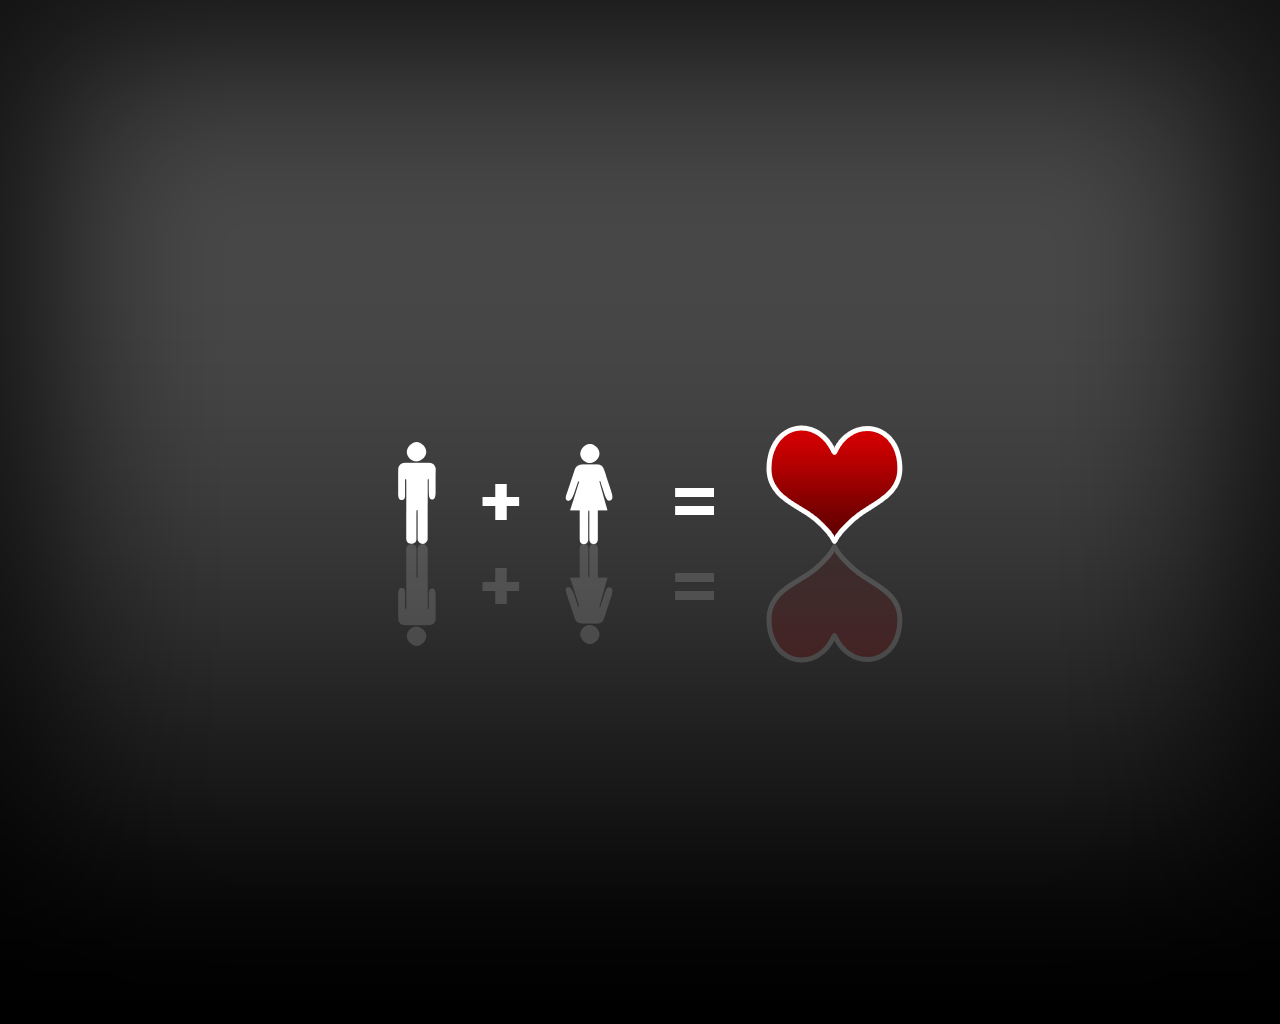 suma hombre y mujer